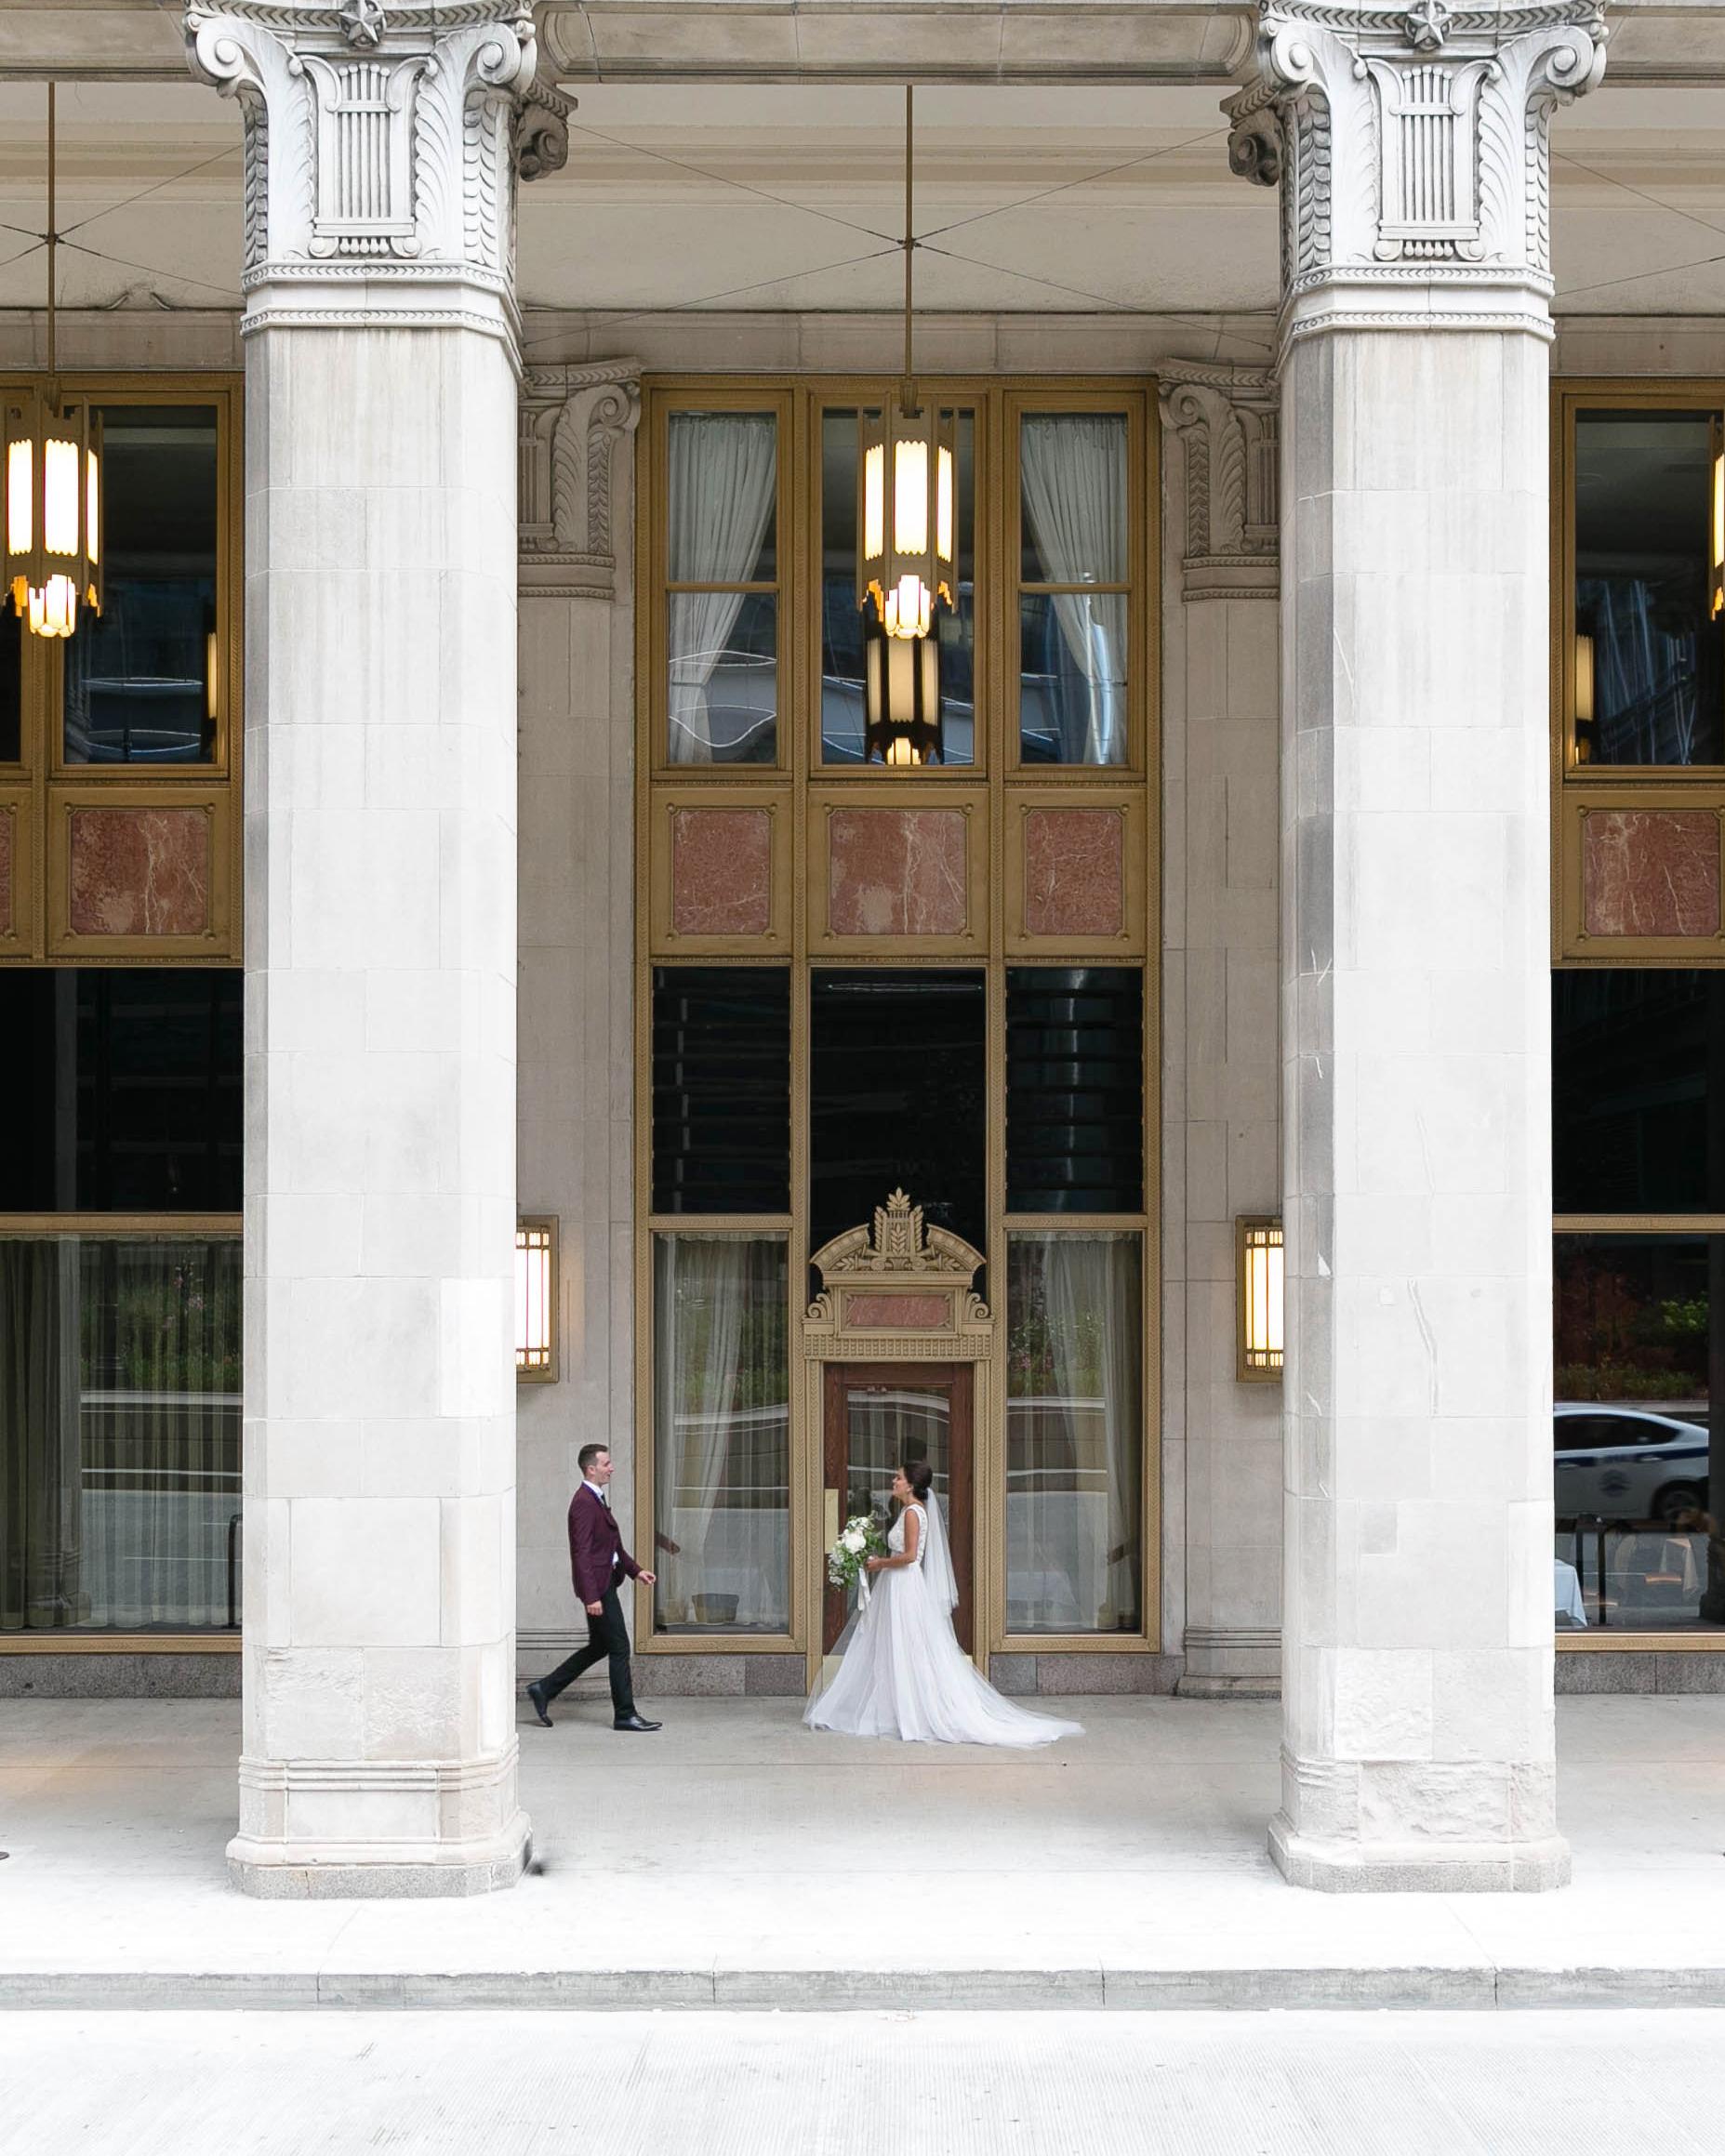 bianca-bryen-wedding-firstlook-96-s112509-0216.jpg